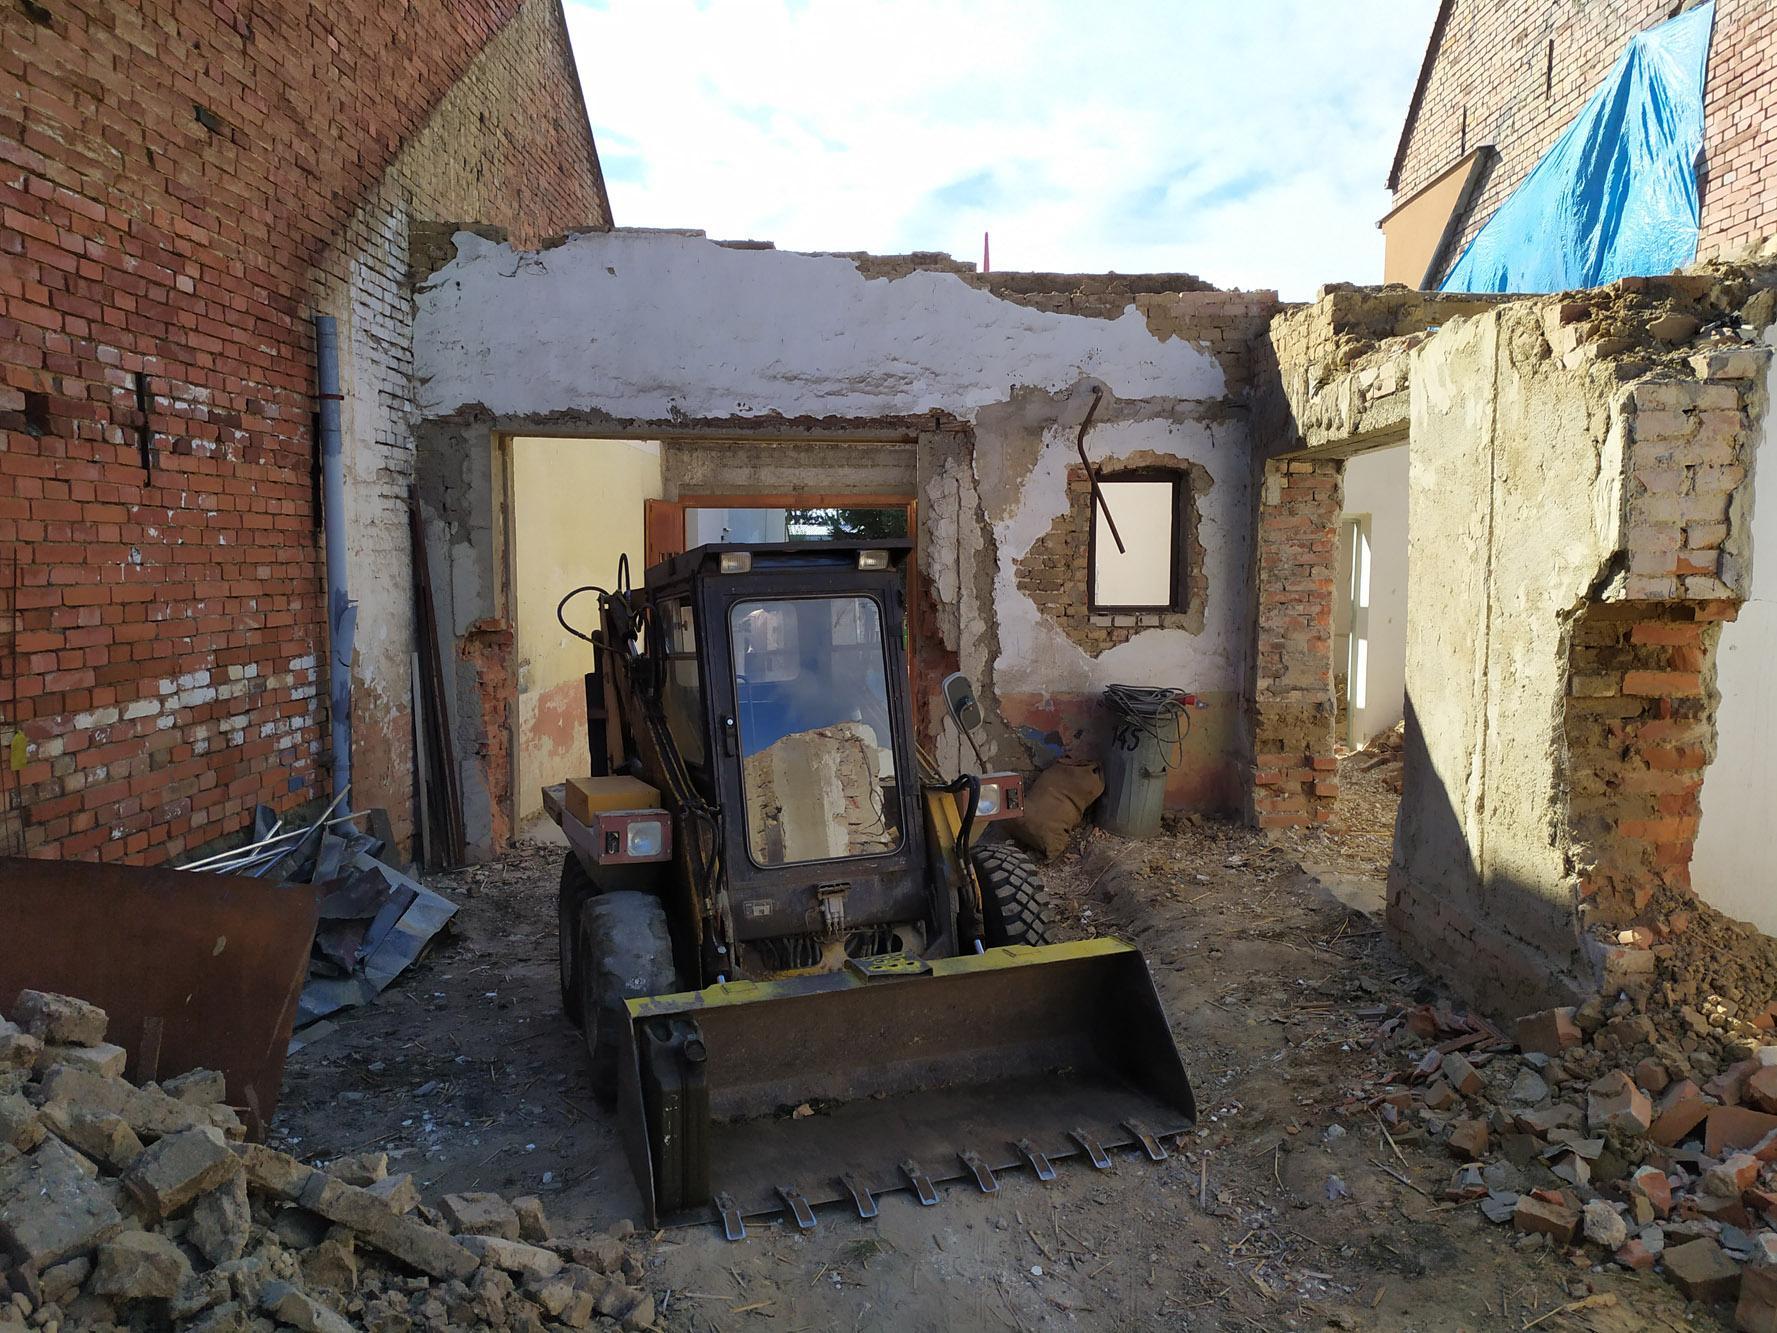 Bourání staré a stavba nové řadovky - Konec srpna 2020. Konečně se začalo odvážet.